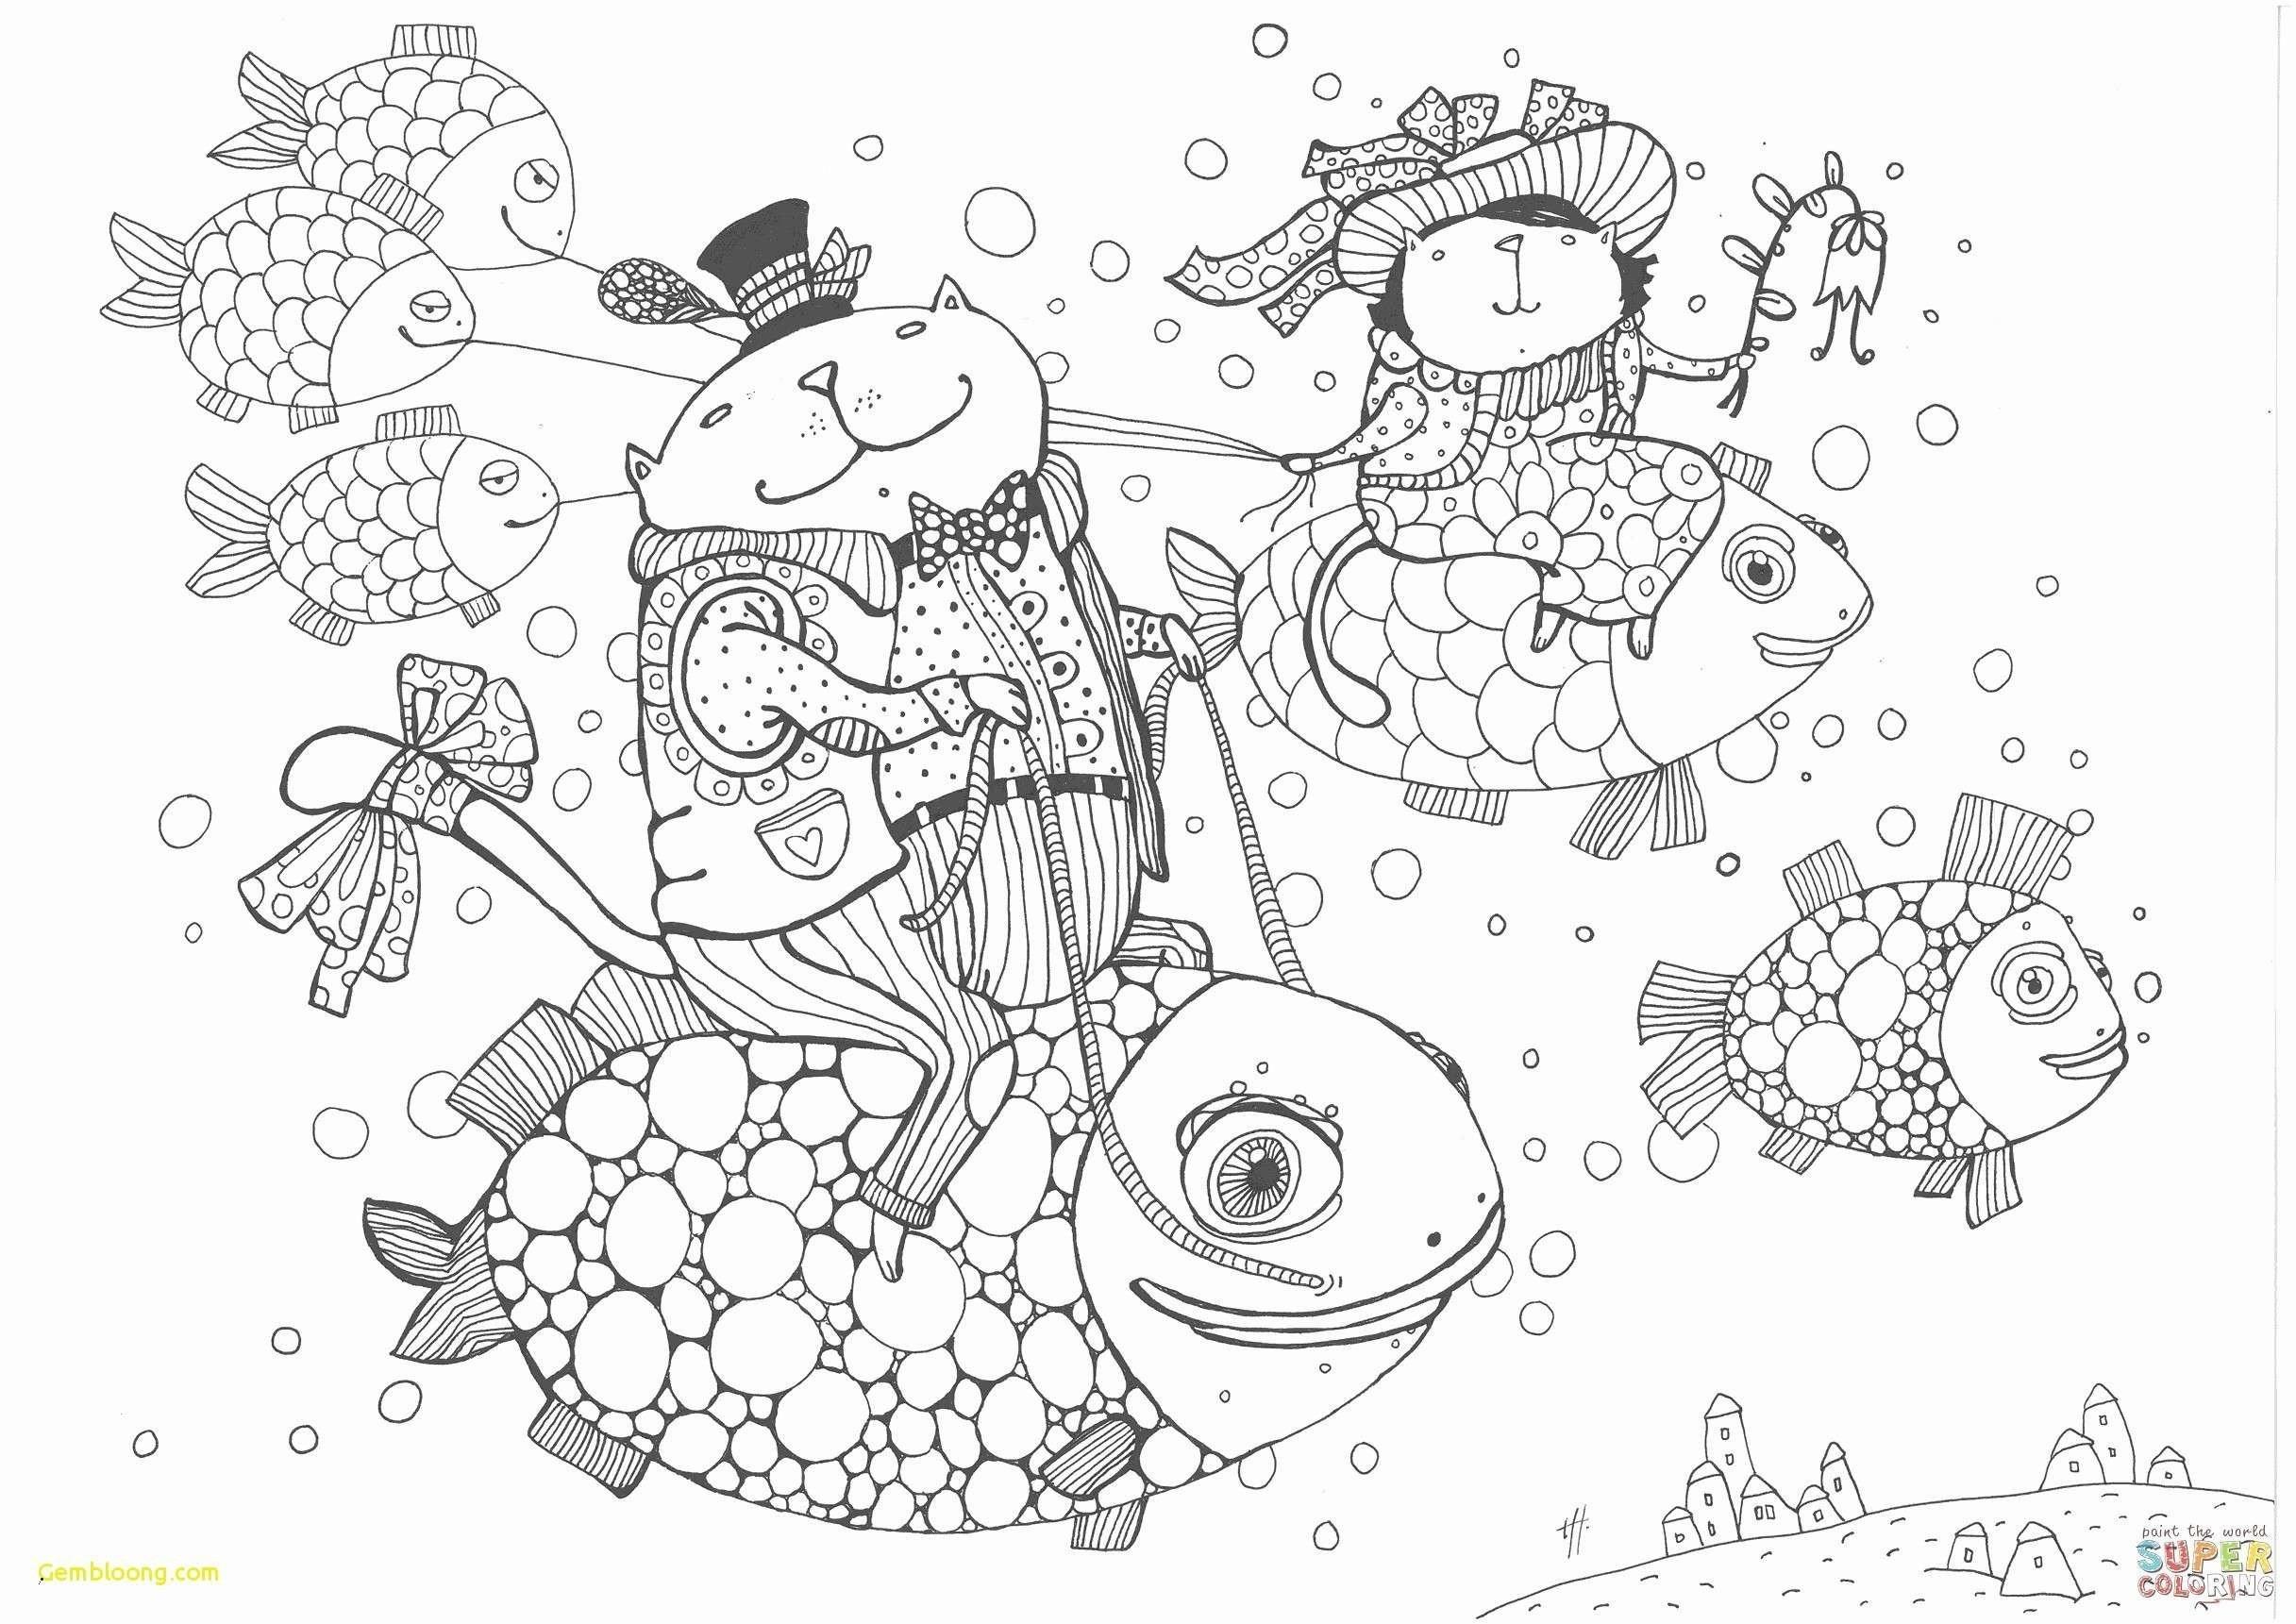 Spongebob Zum Ausmalen Inspirierend 48 formular Spongebob Und Patrick Ausmalbilder Treehouse Nyc Sammlung